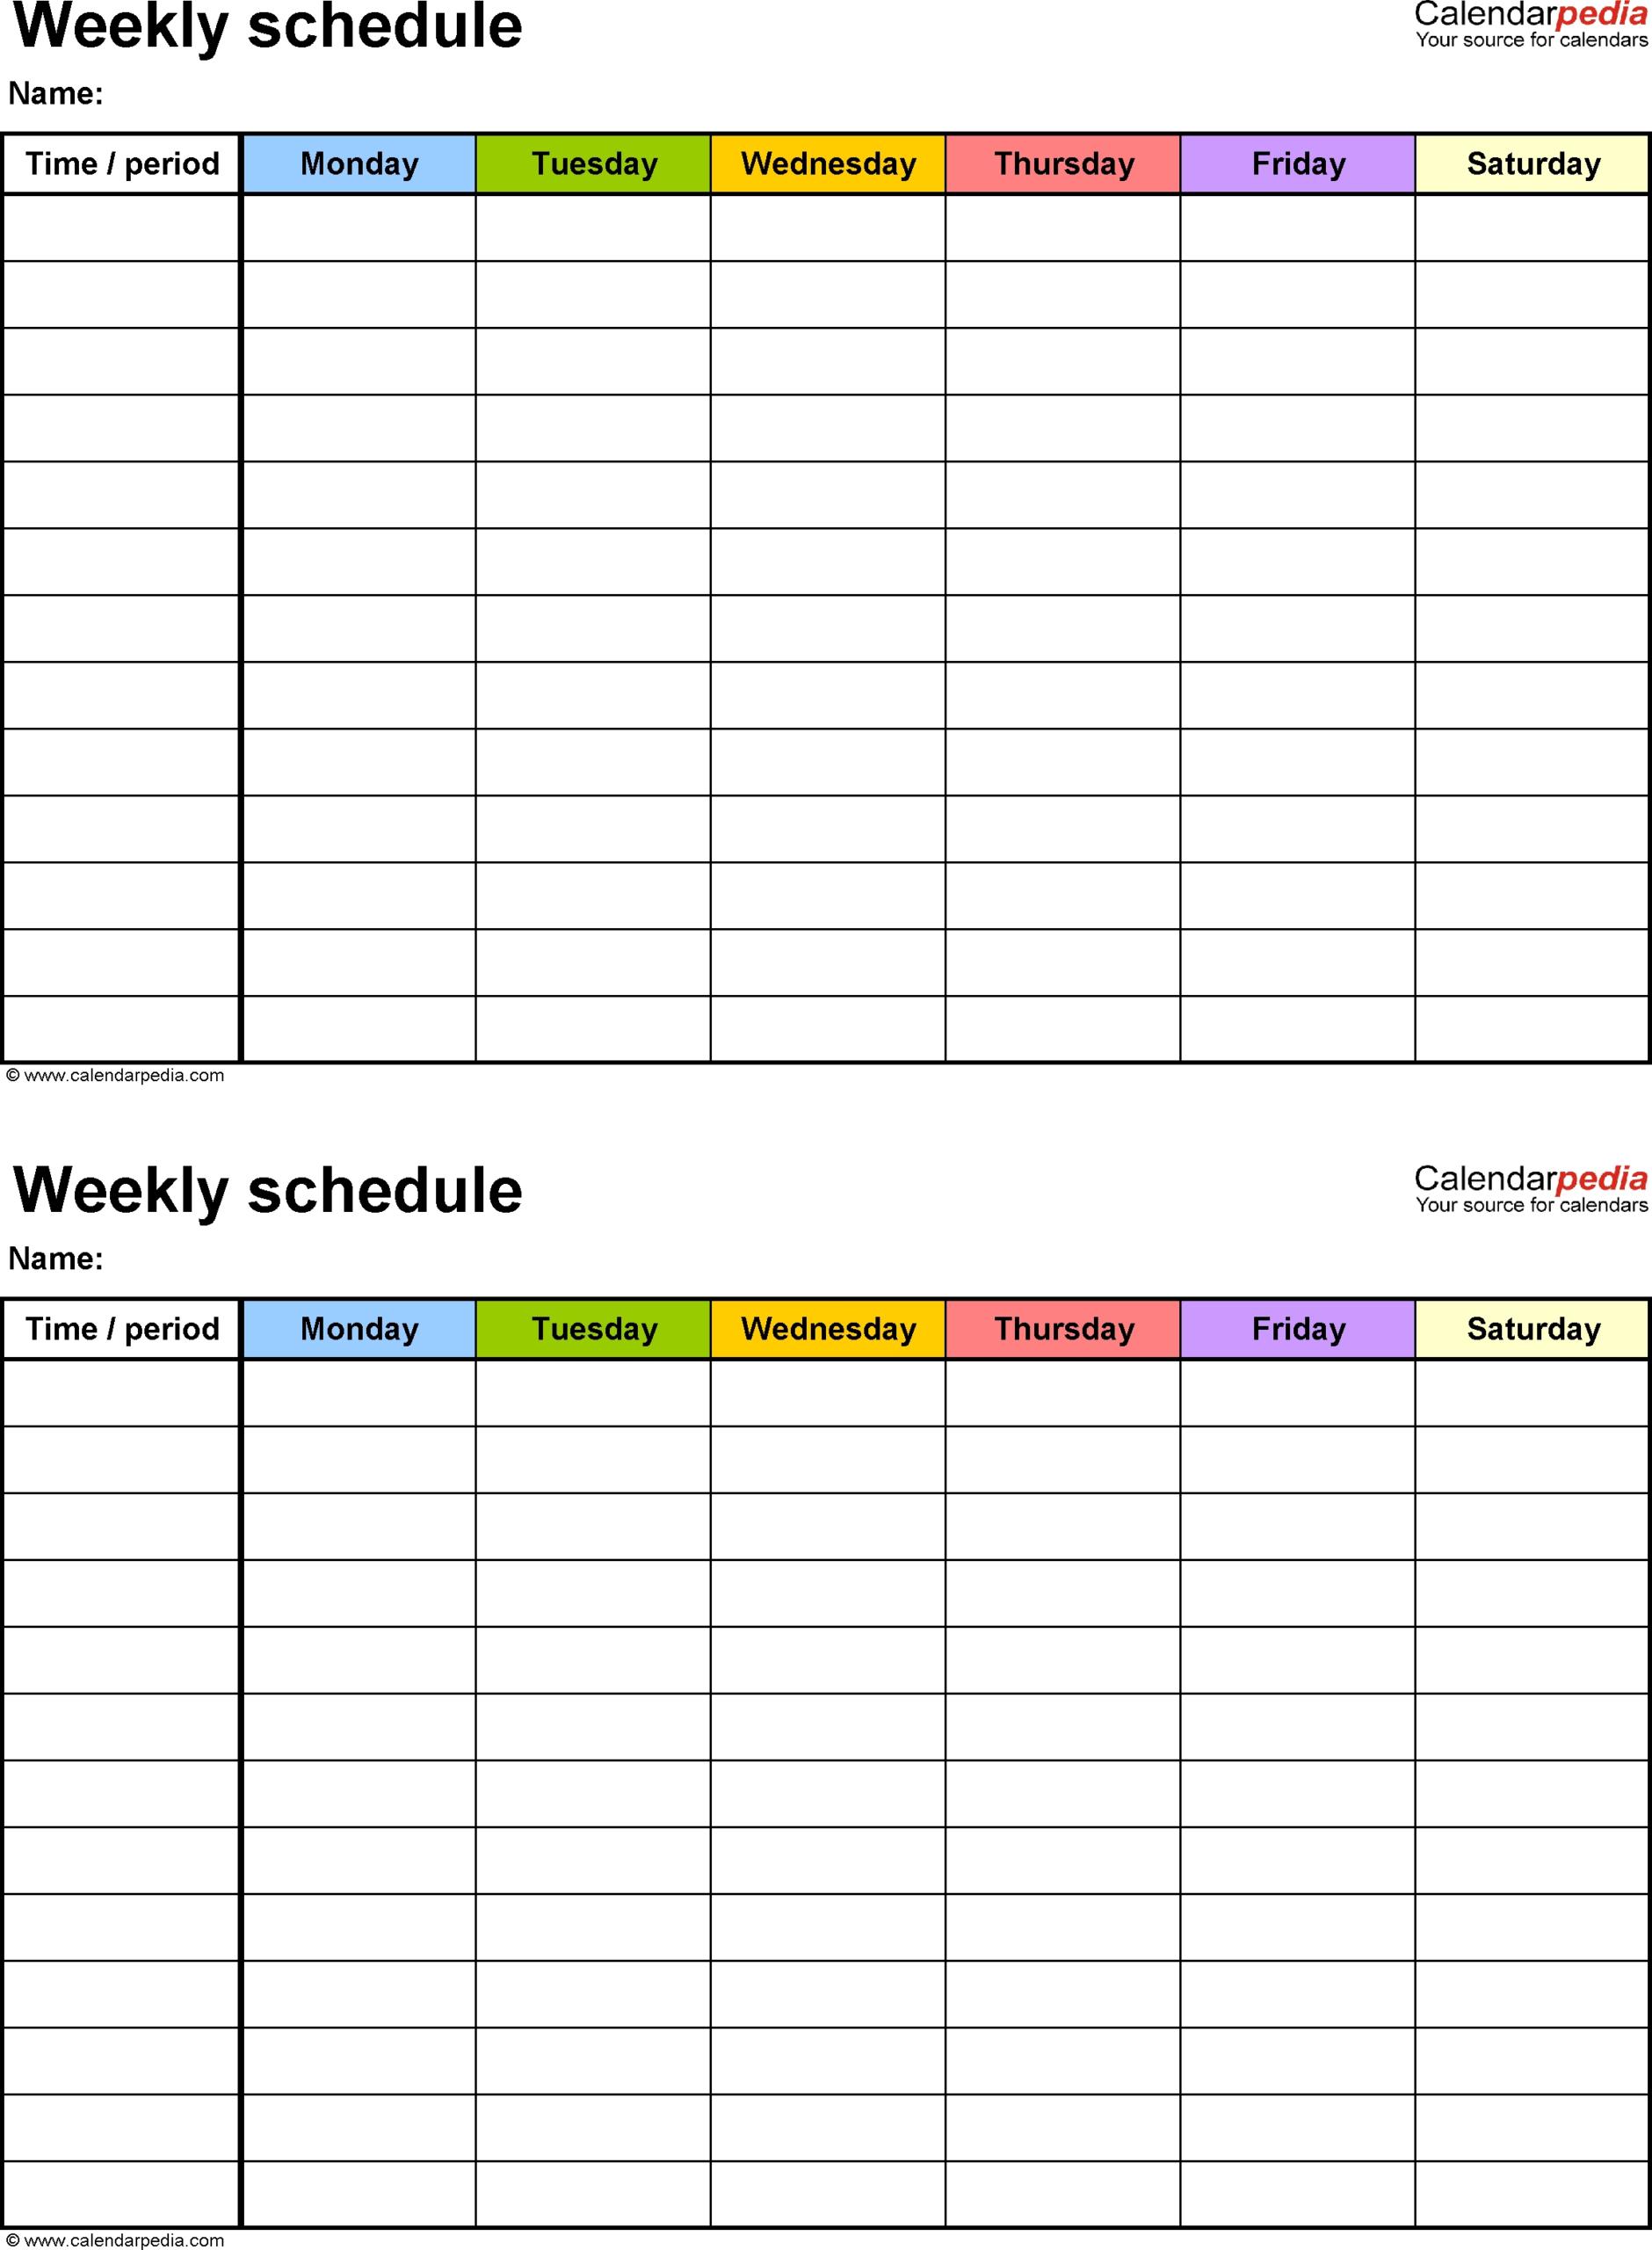 Blank Calender Two Weeks | Calendar Template Printable with Two Week Calendar Printable